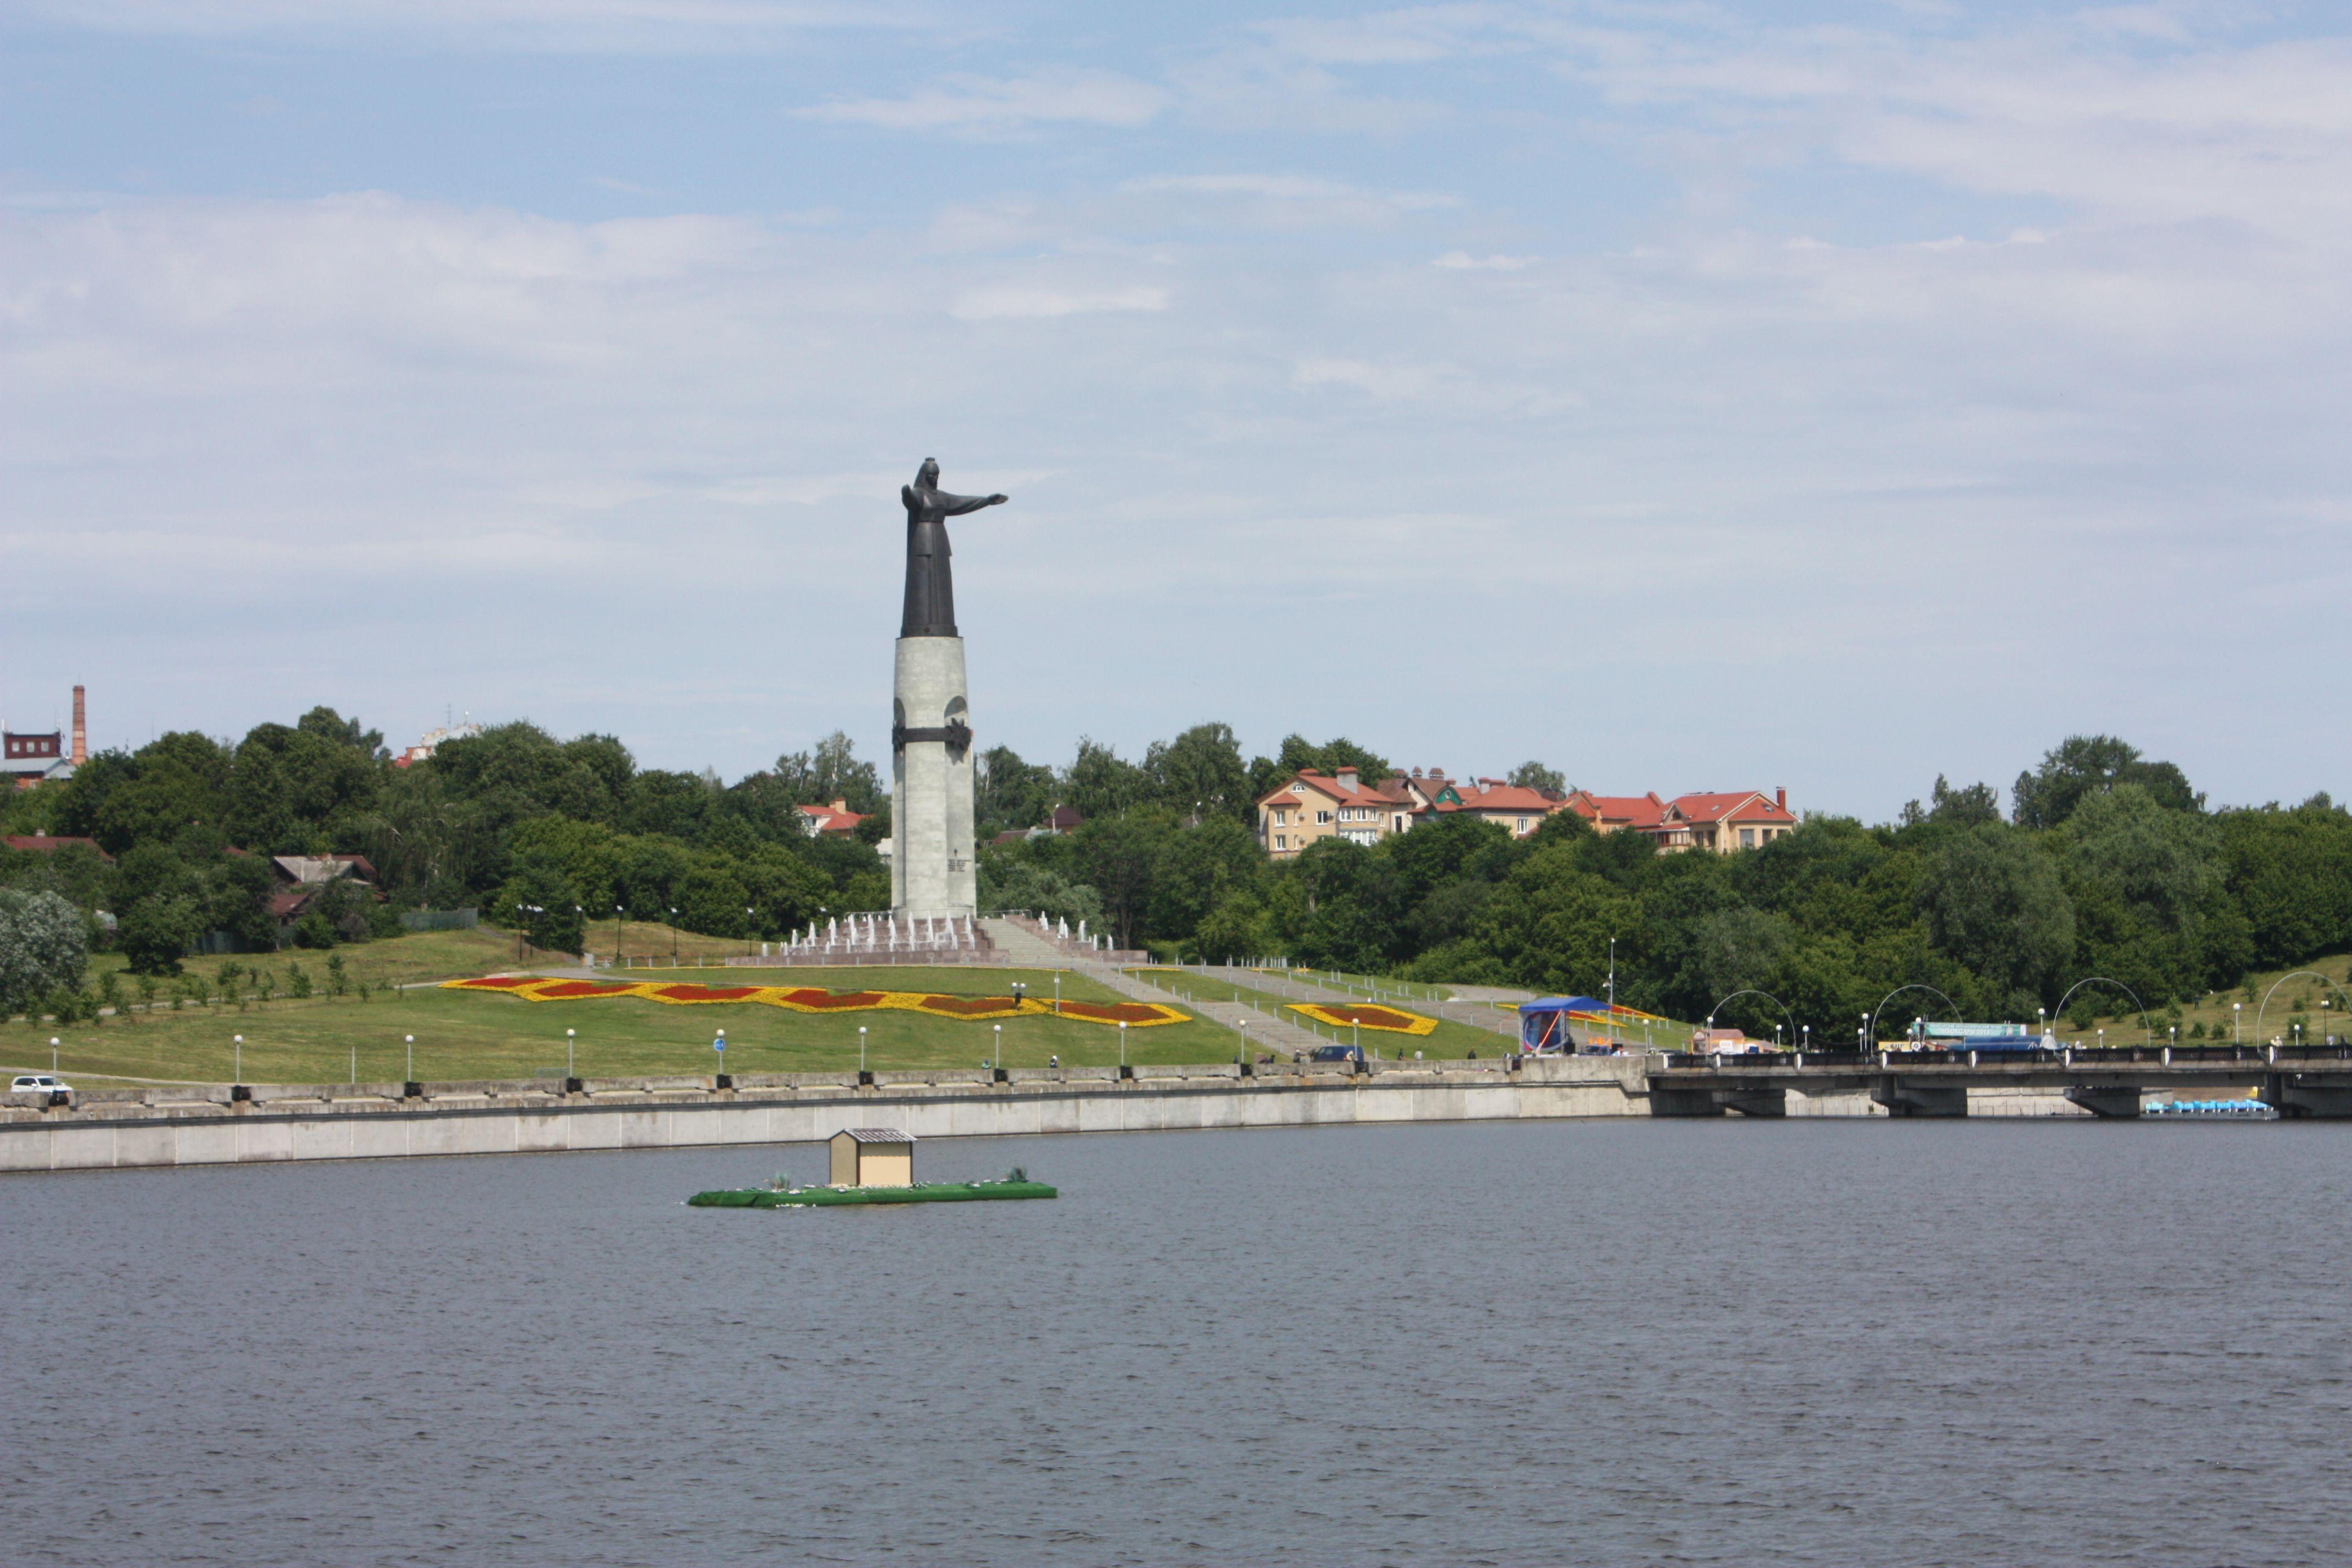 La ciudad rusa de Cheboksary será la sede de la Copa del Mundo de marcha en 2016. Hemos analizado esta competición en la web RFEA: http://www.rfea.es/web/noticias/desarrollo.asp?codigo=8513#.VkRRKdIvddg